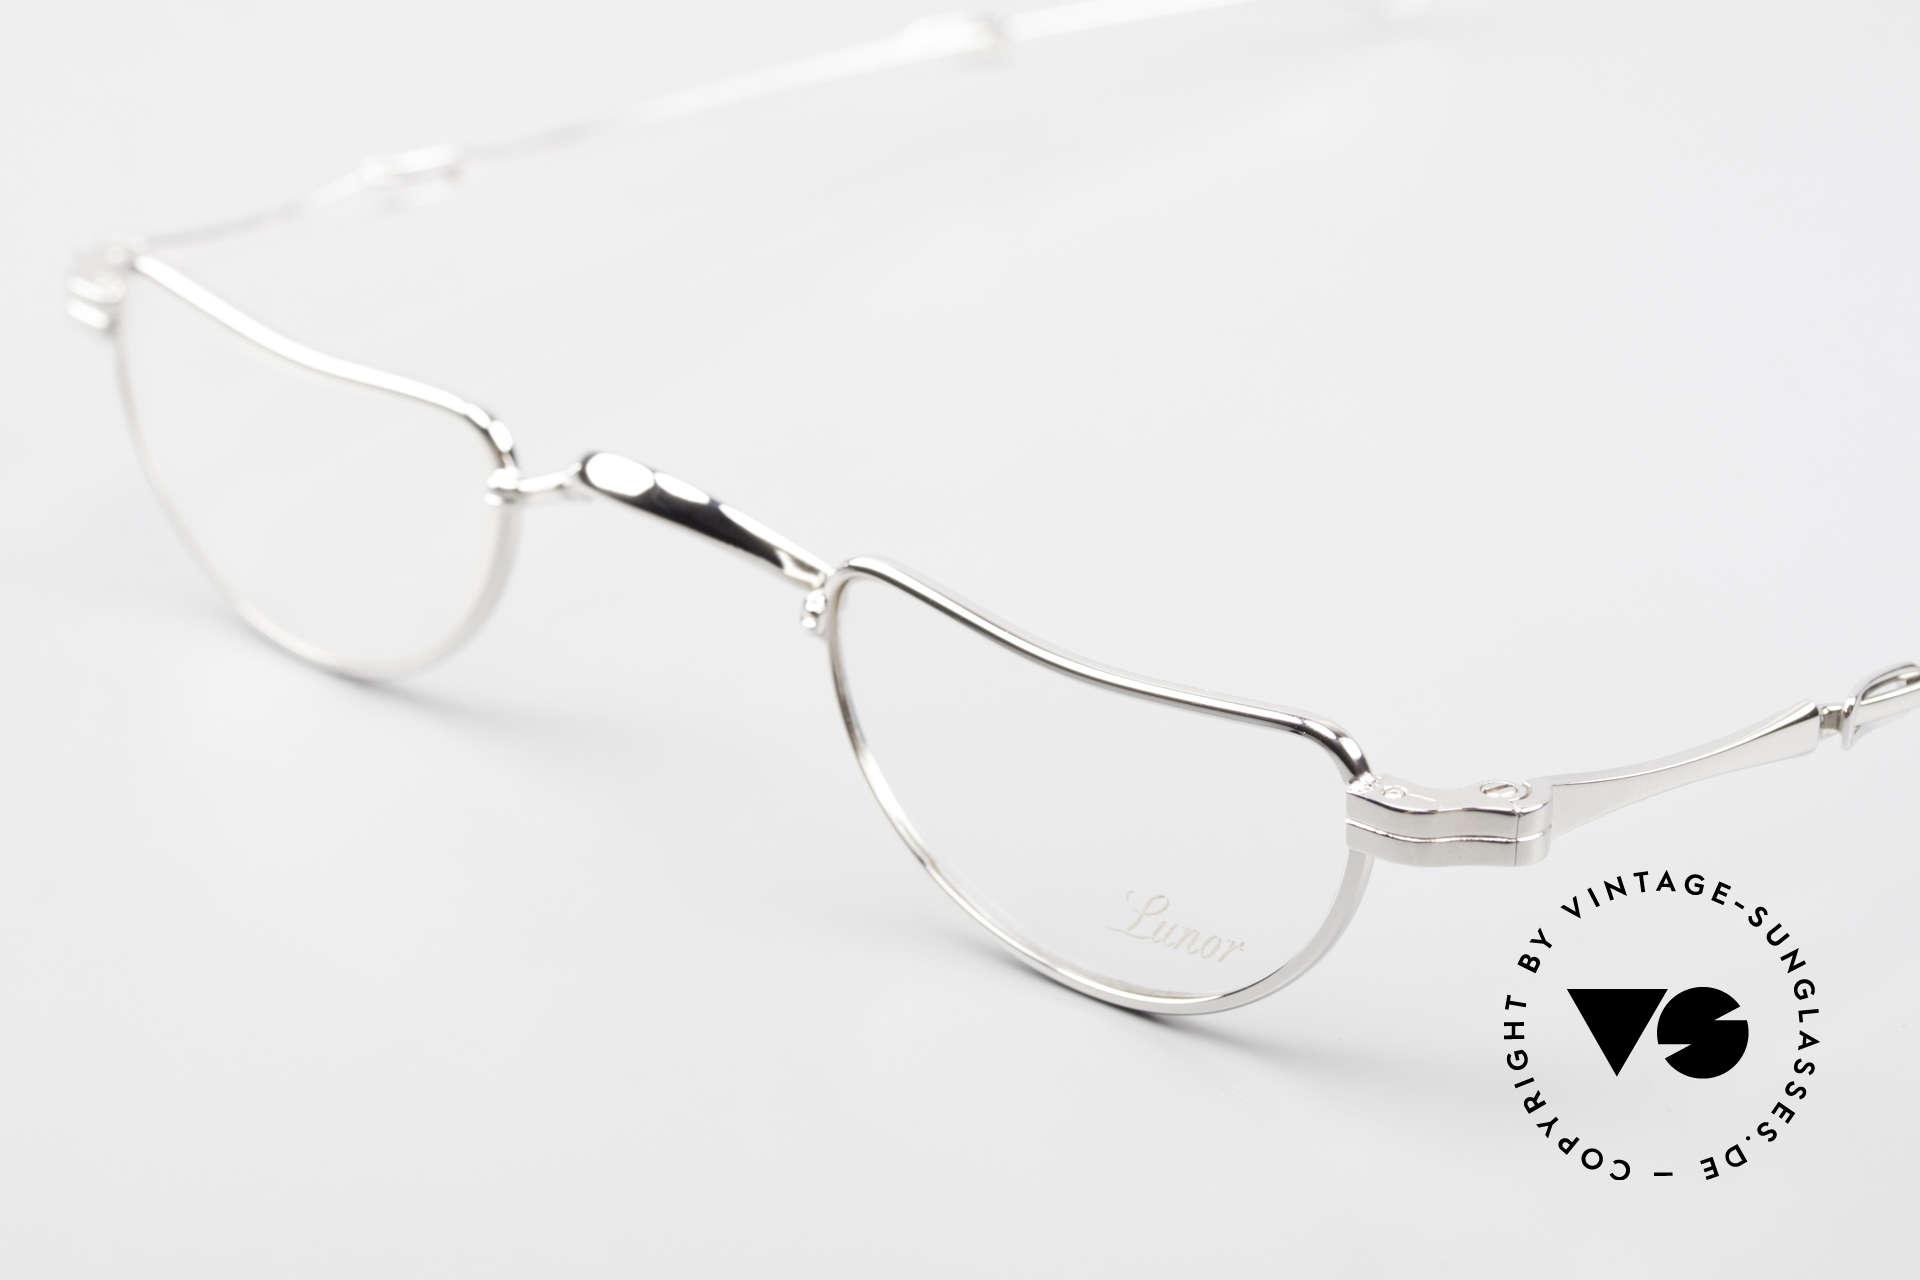 Lunor I 07 Telescopic Teleskop Brille Schiebebügel, bekannt für den W-Steg und die schlichten Formen, Passend für Herren und Damen